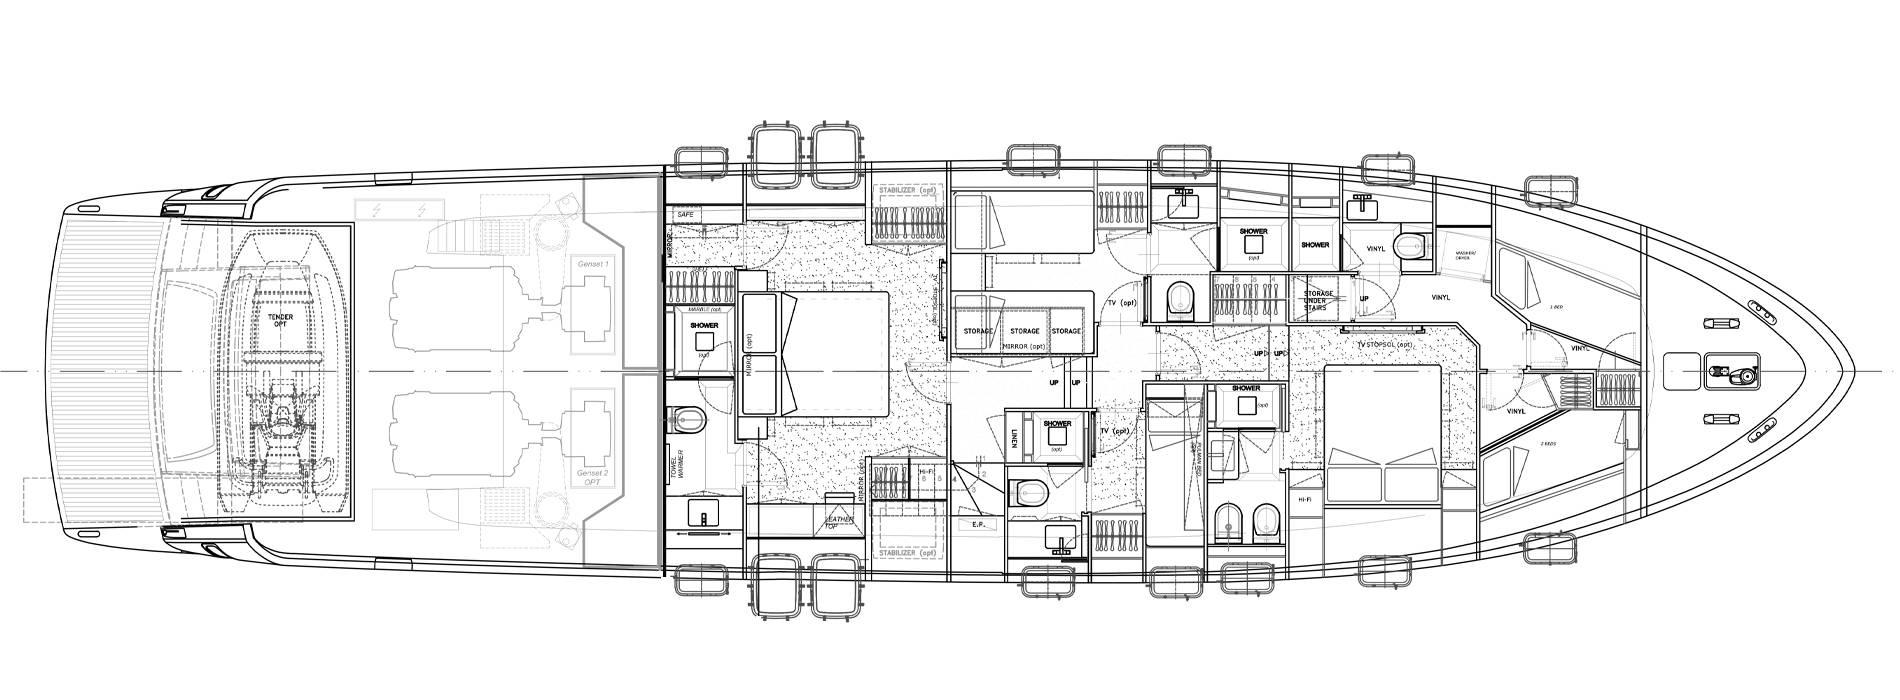 Sanlorenzo Yachts SL78-695 under offer Lower Deck